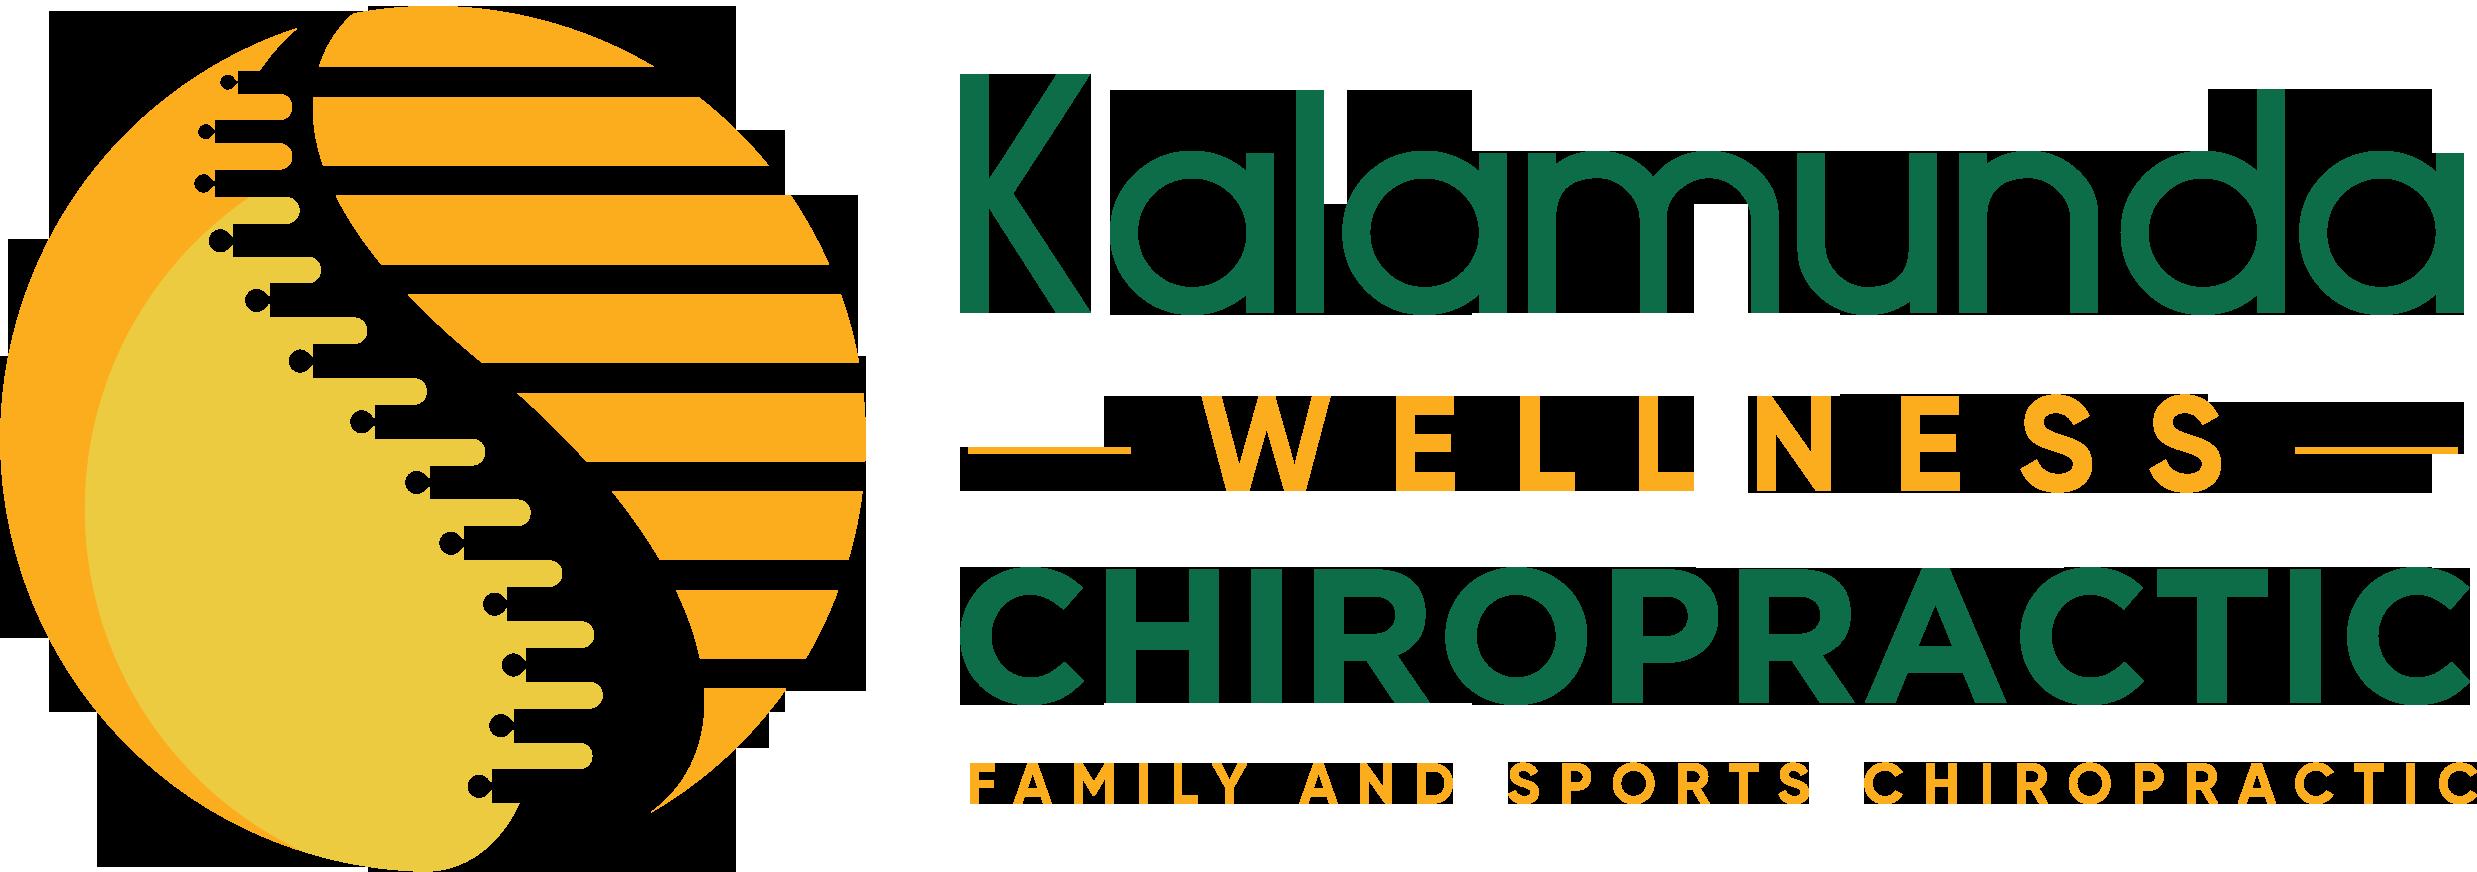 Kalamunda Wellness Chiropractic